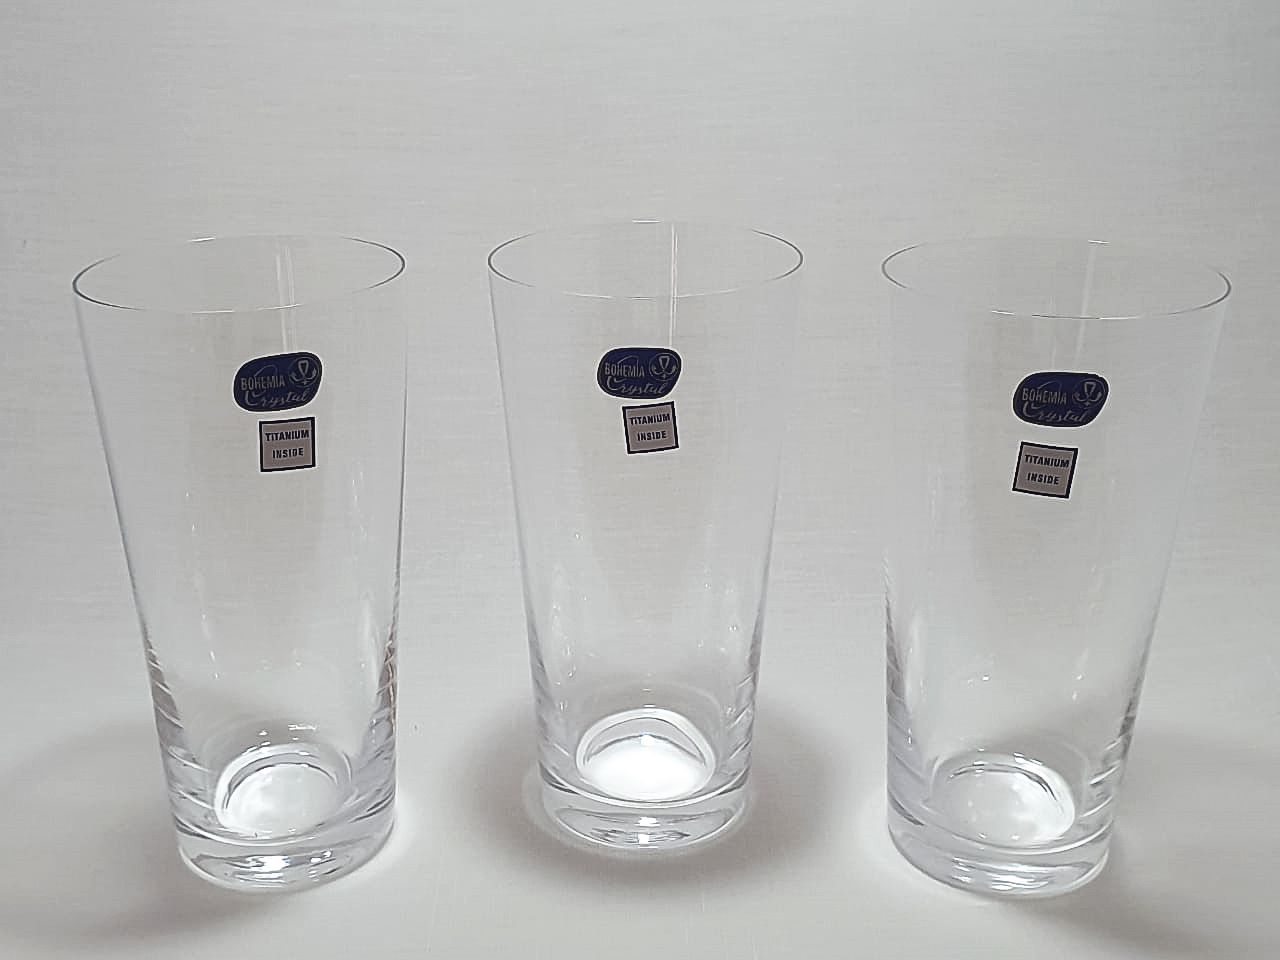 Jogo 6 Copos Cristal Bohemia Titanium Inside para Água Ou Suco Longo 400ml- Jive